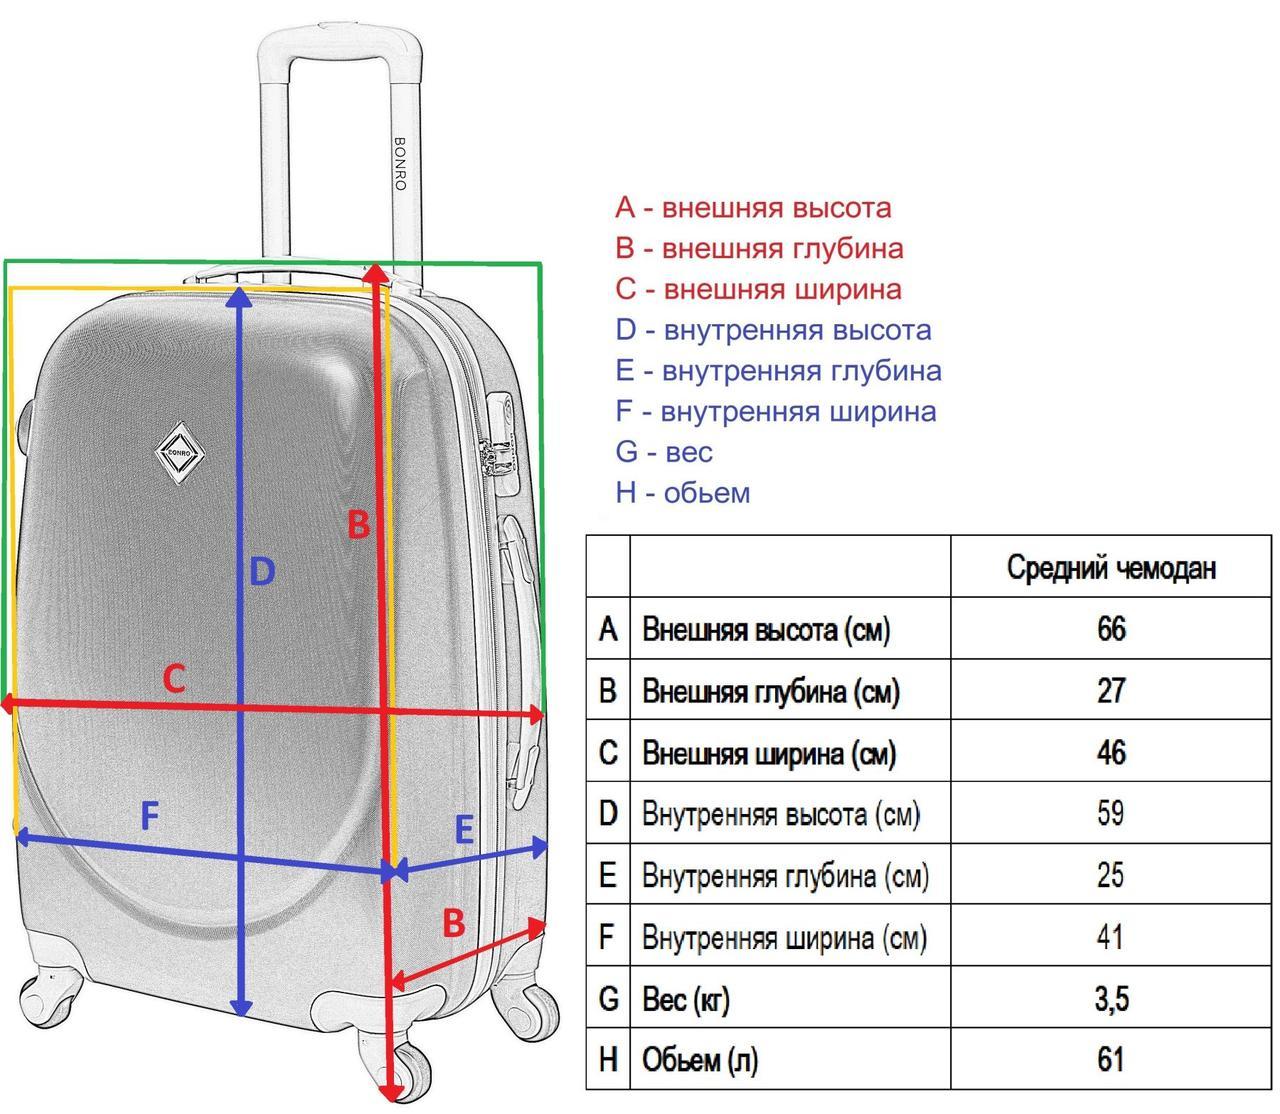 дорожній чемодан середній